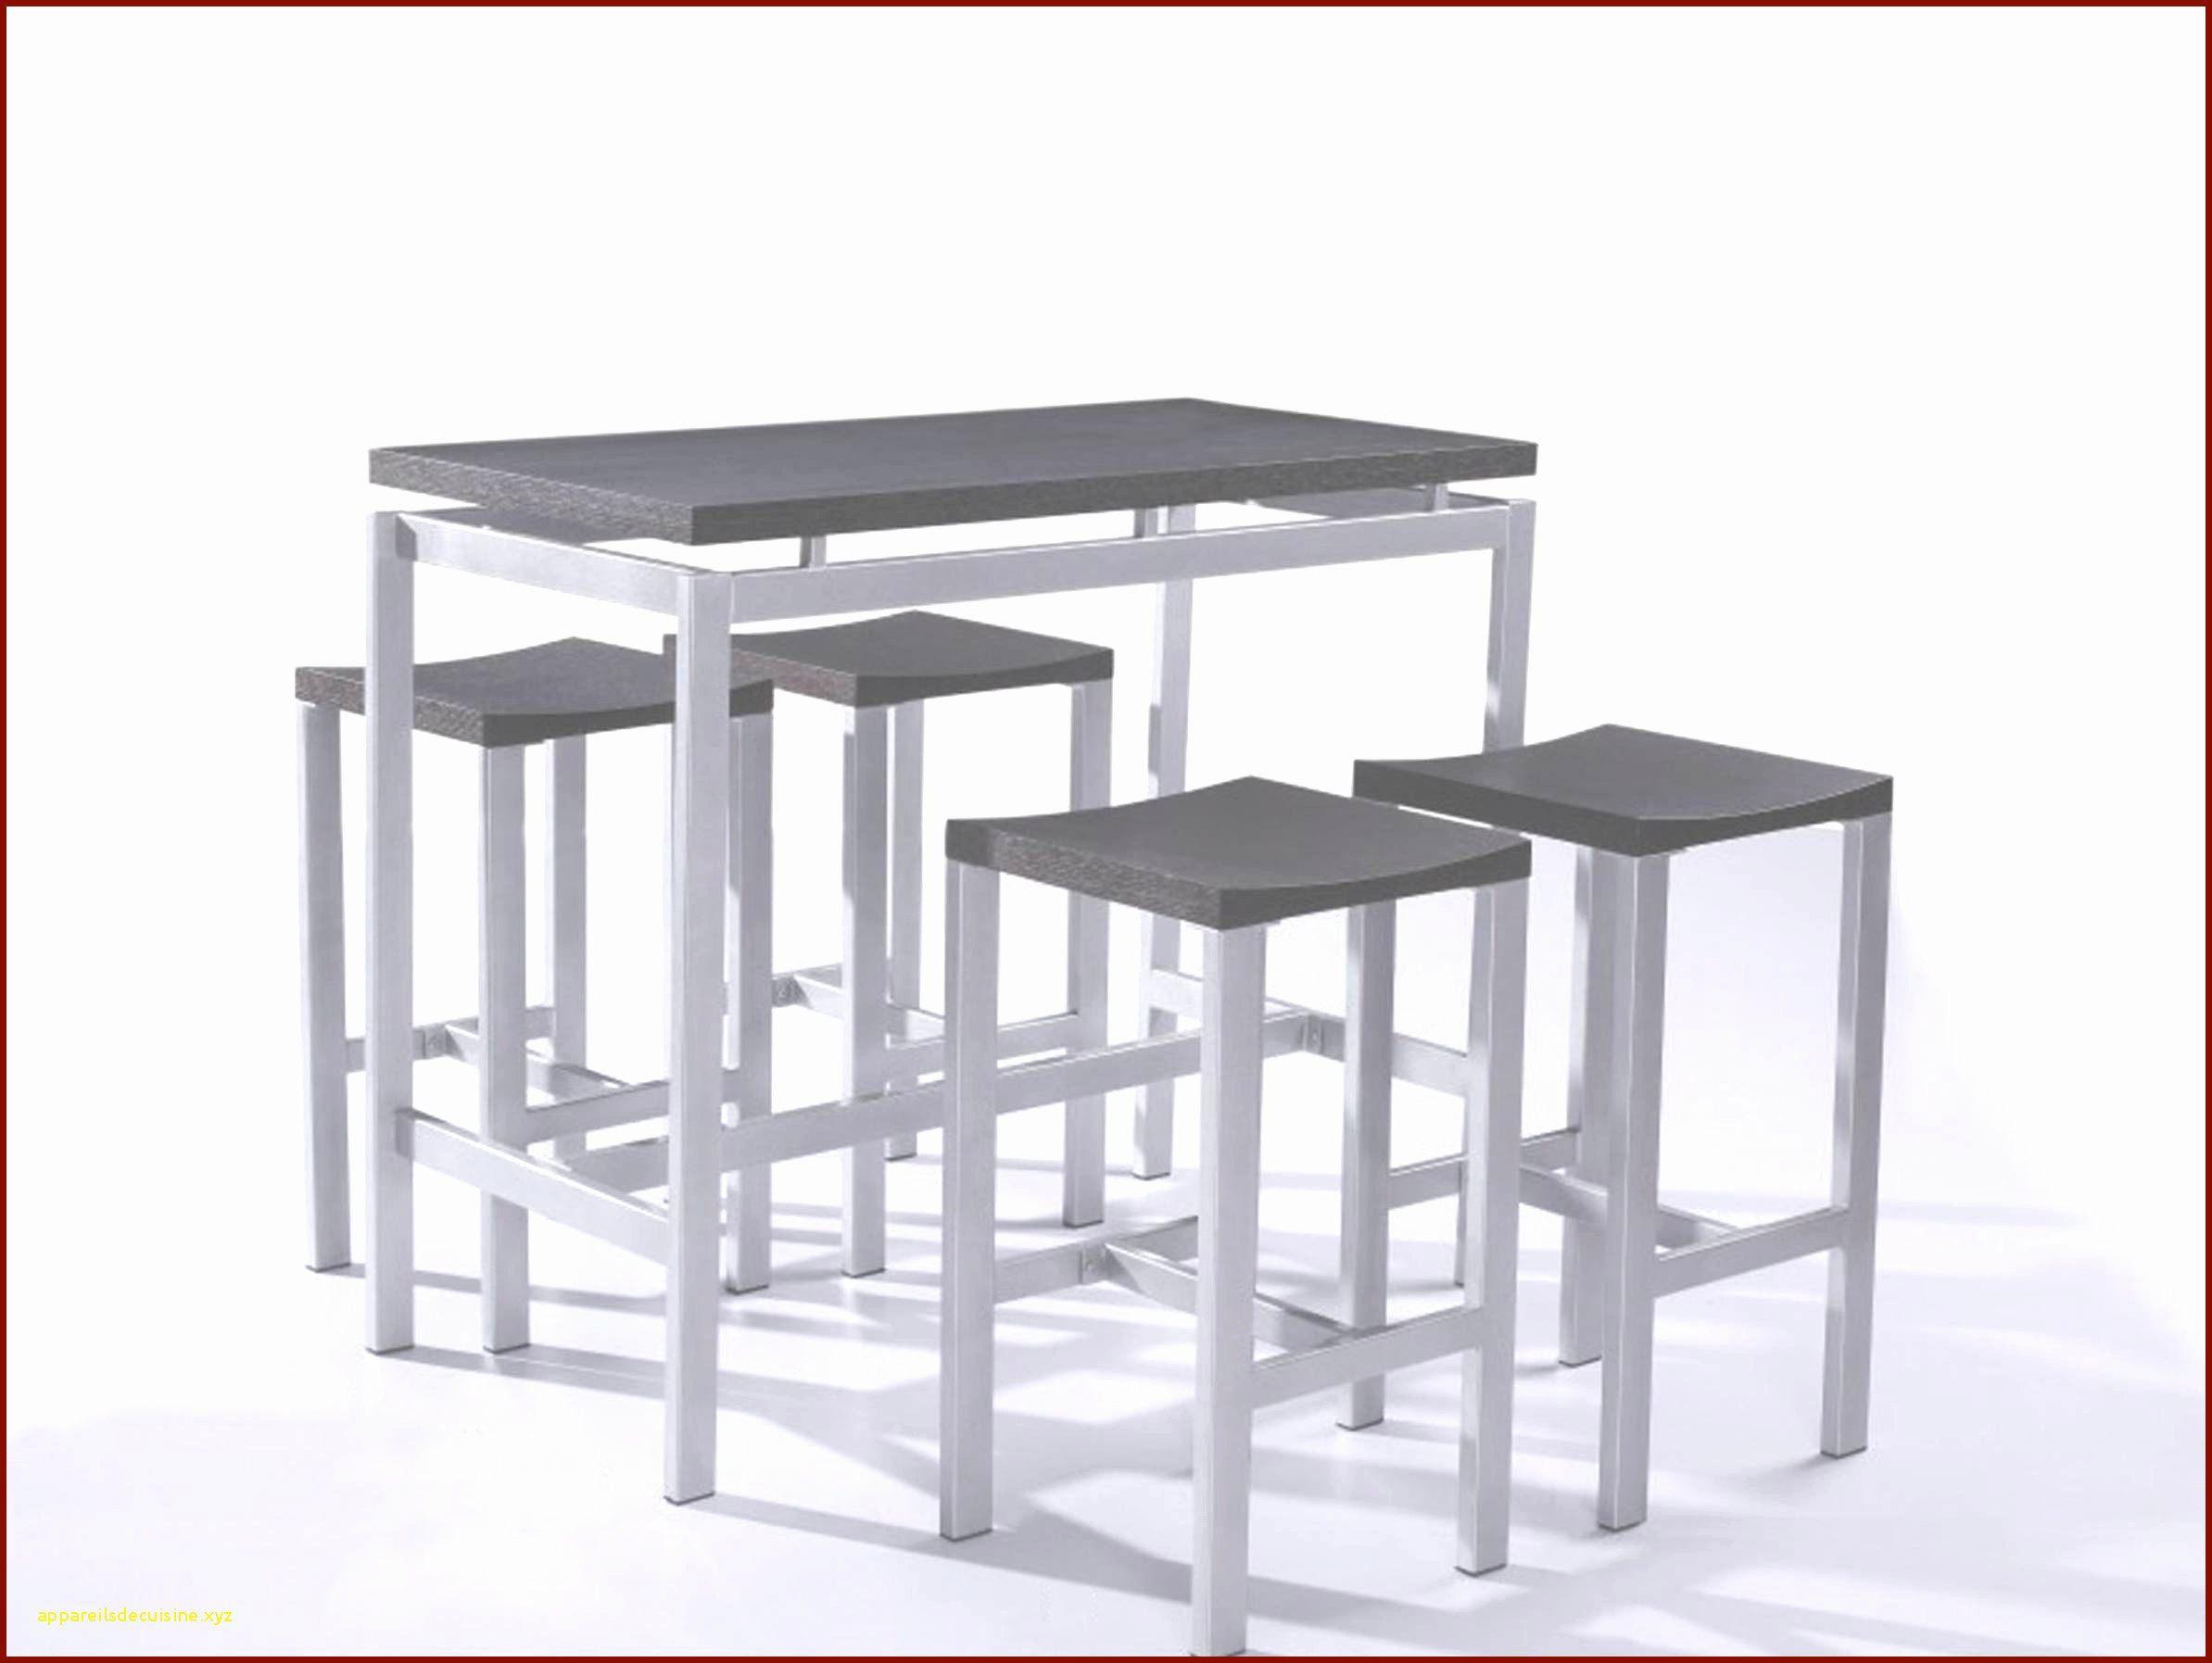 Table De Chevet Lit Mezzanine Charmant Frais étourdissant Etagere Lit Pour Table De Chevet Lit Mezzanine